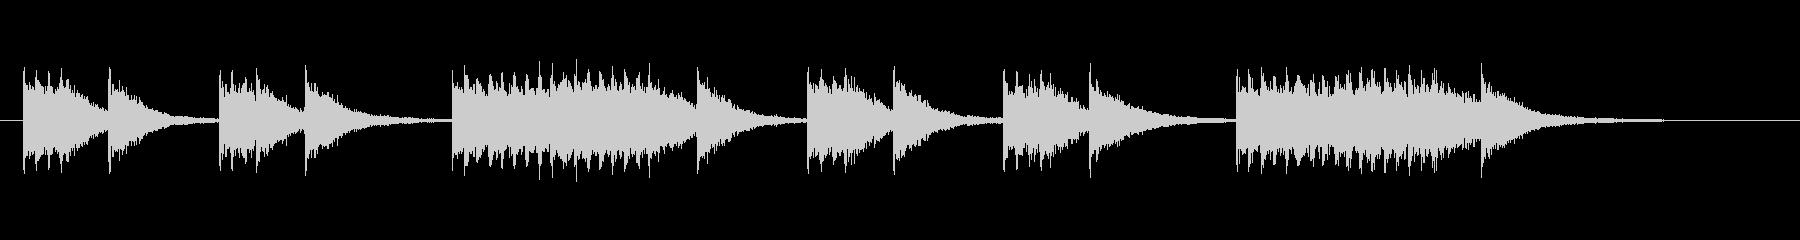 マーチングバンドのスネアリズム1の未再生の波形